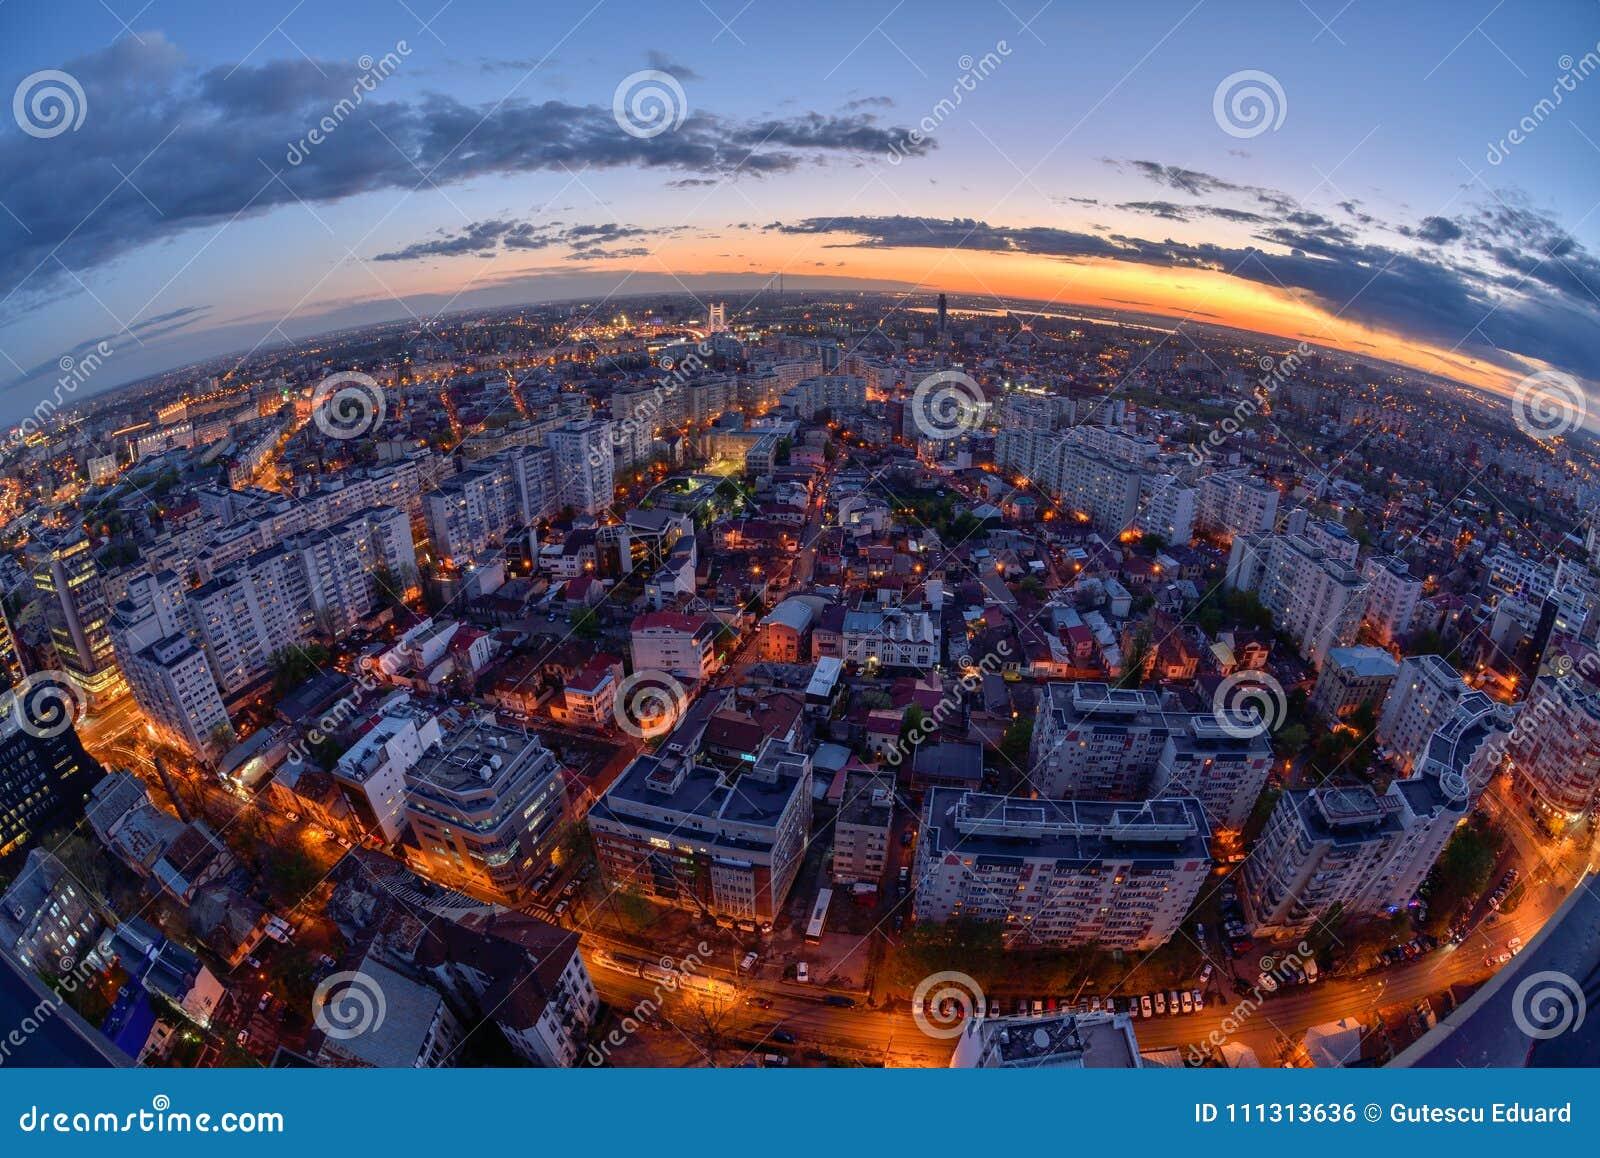 Horizonte de Bucarest después de la puesta del sol con la visión aérea